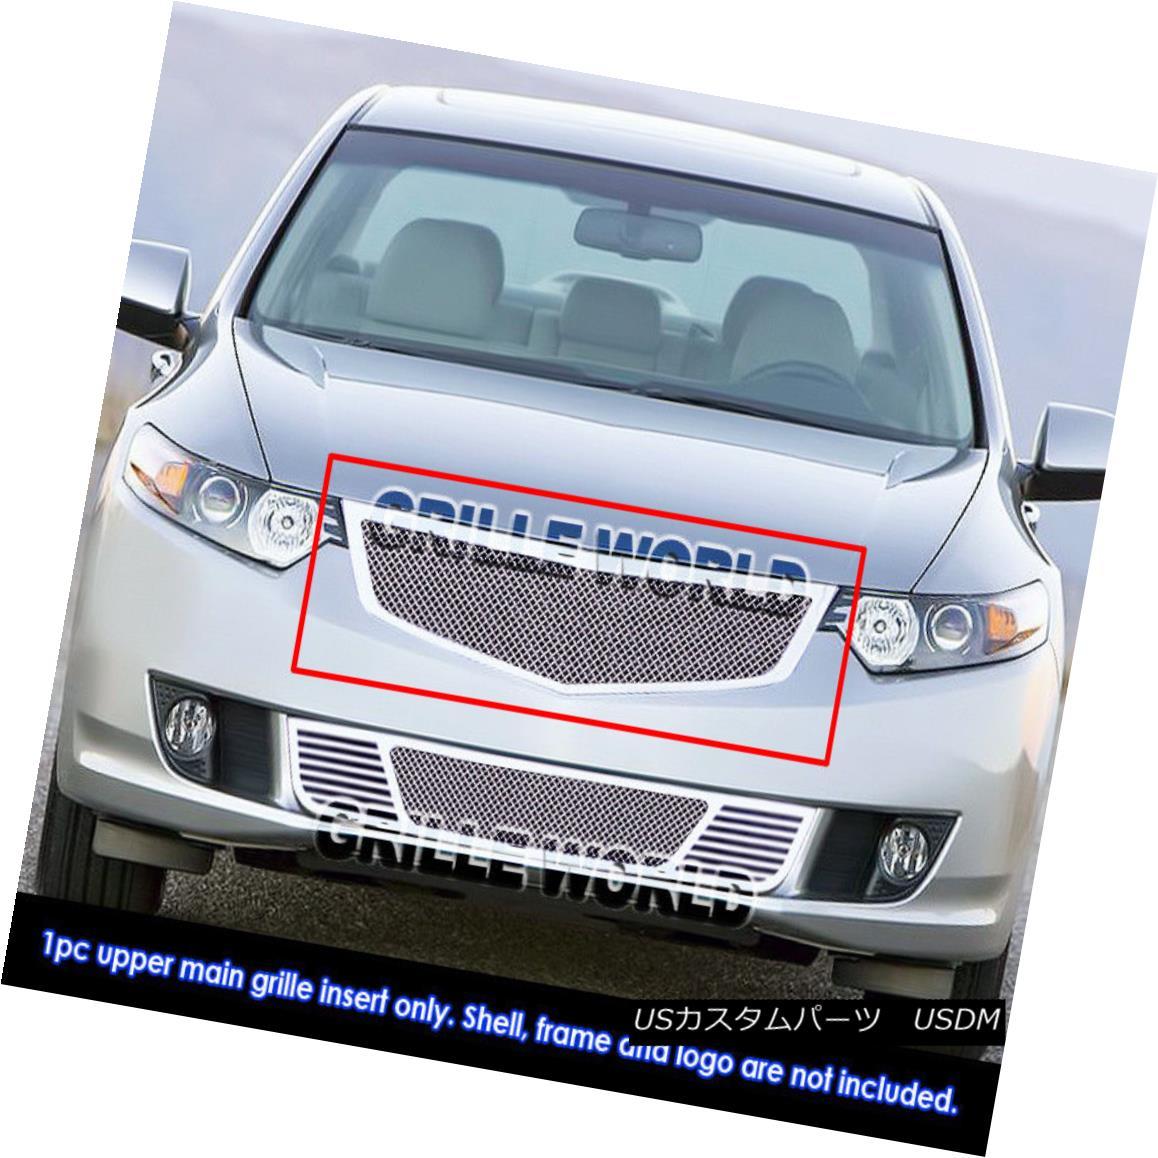 グリル For 2009-2010 Acura TSX Stainless Steel Mesh Grille Grill Insert 2009-2010 Acura TSXステンレスメッシュグリルグリルインサート